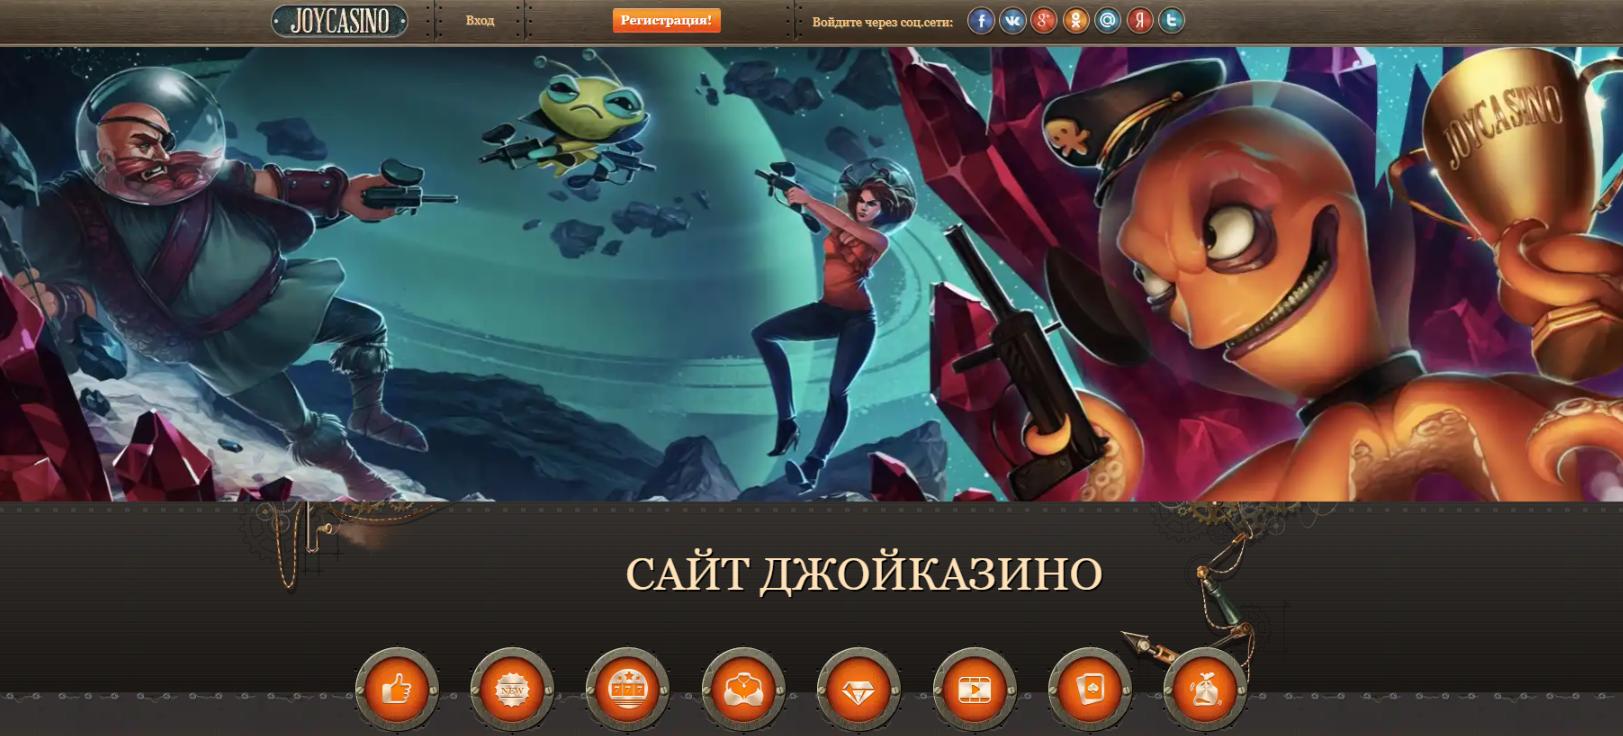 сайт джойказино